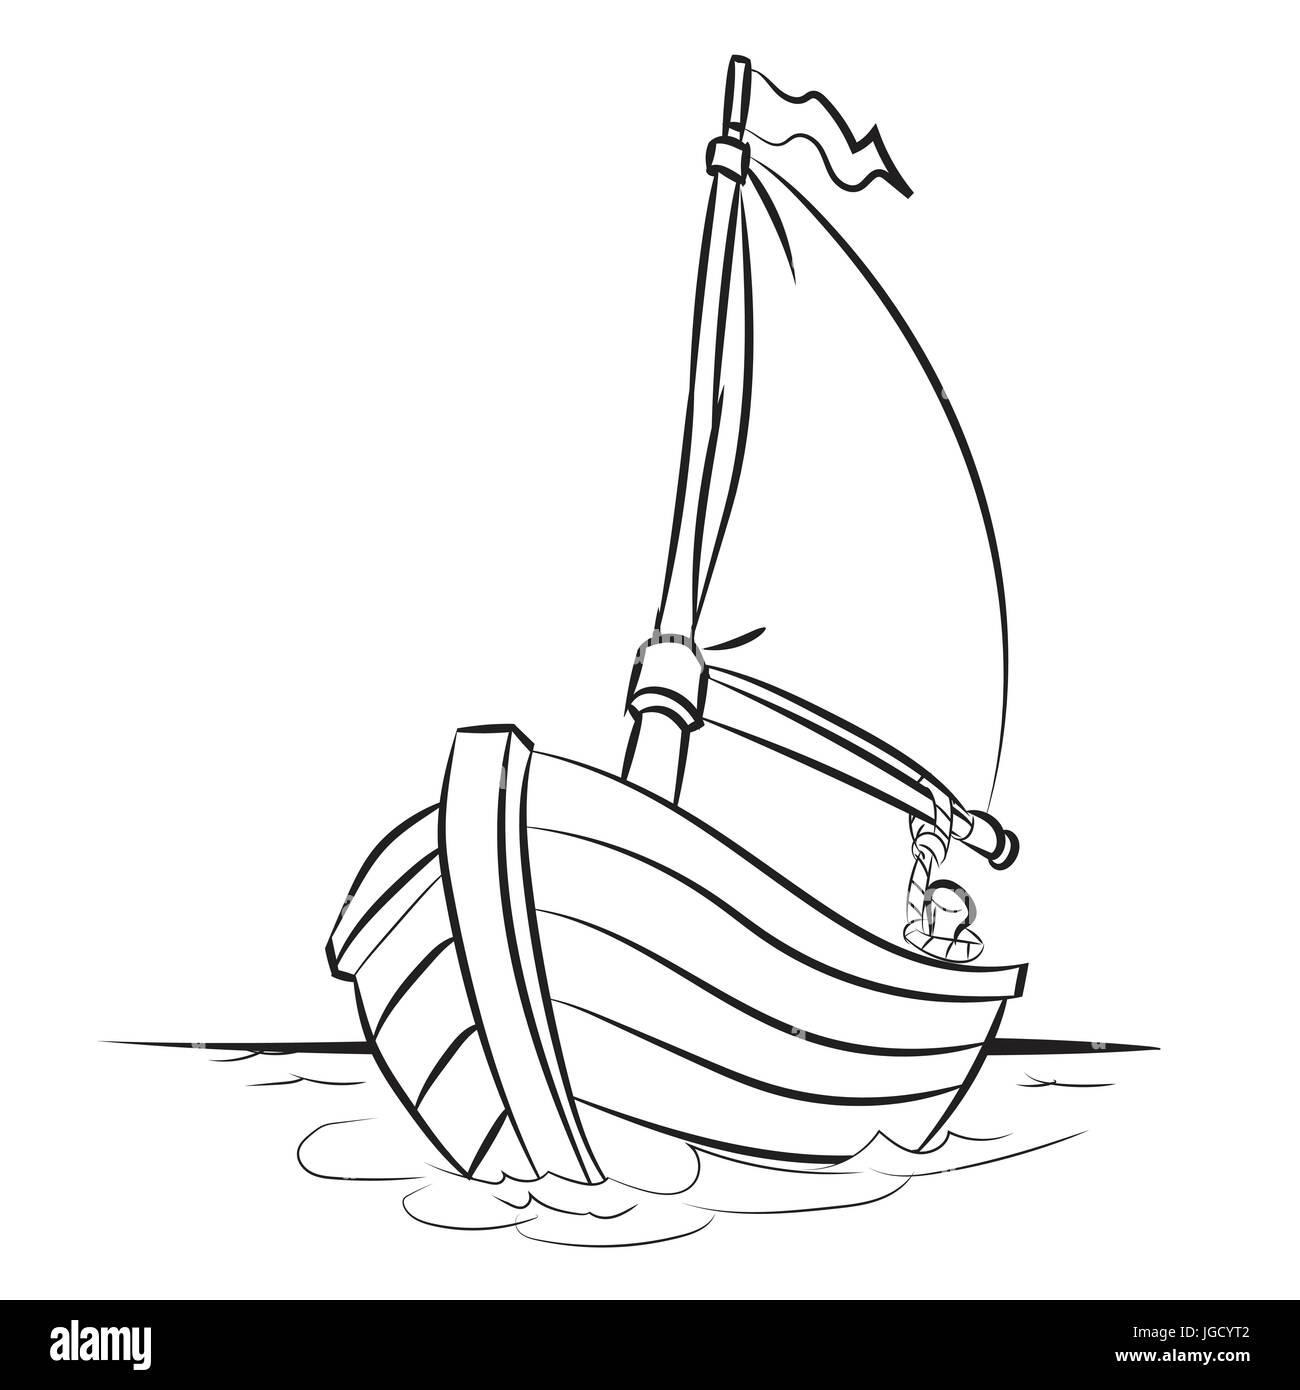 Croquis dibujados a mano de barco aislados, en blanco y negro para ...